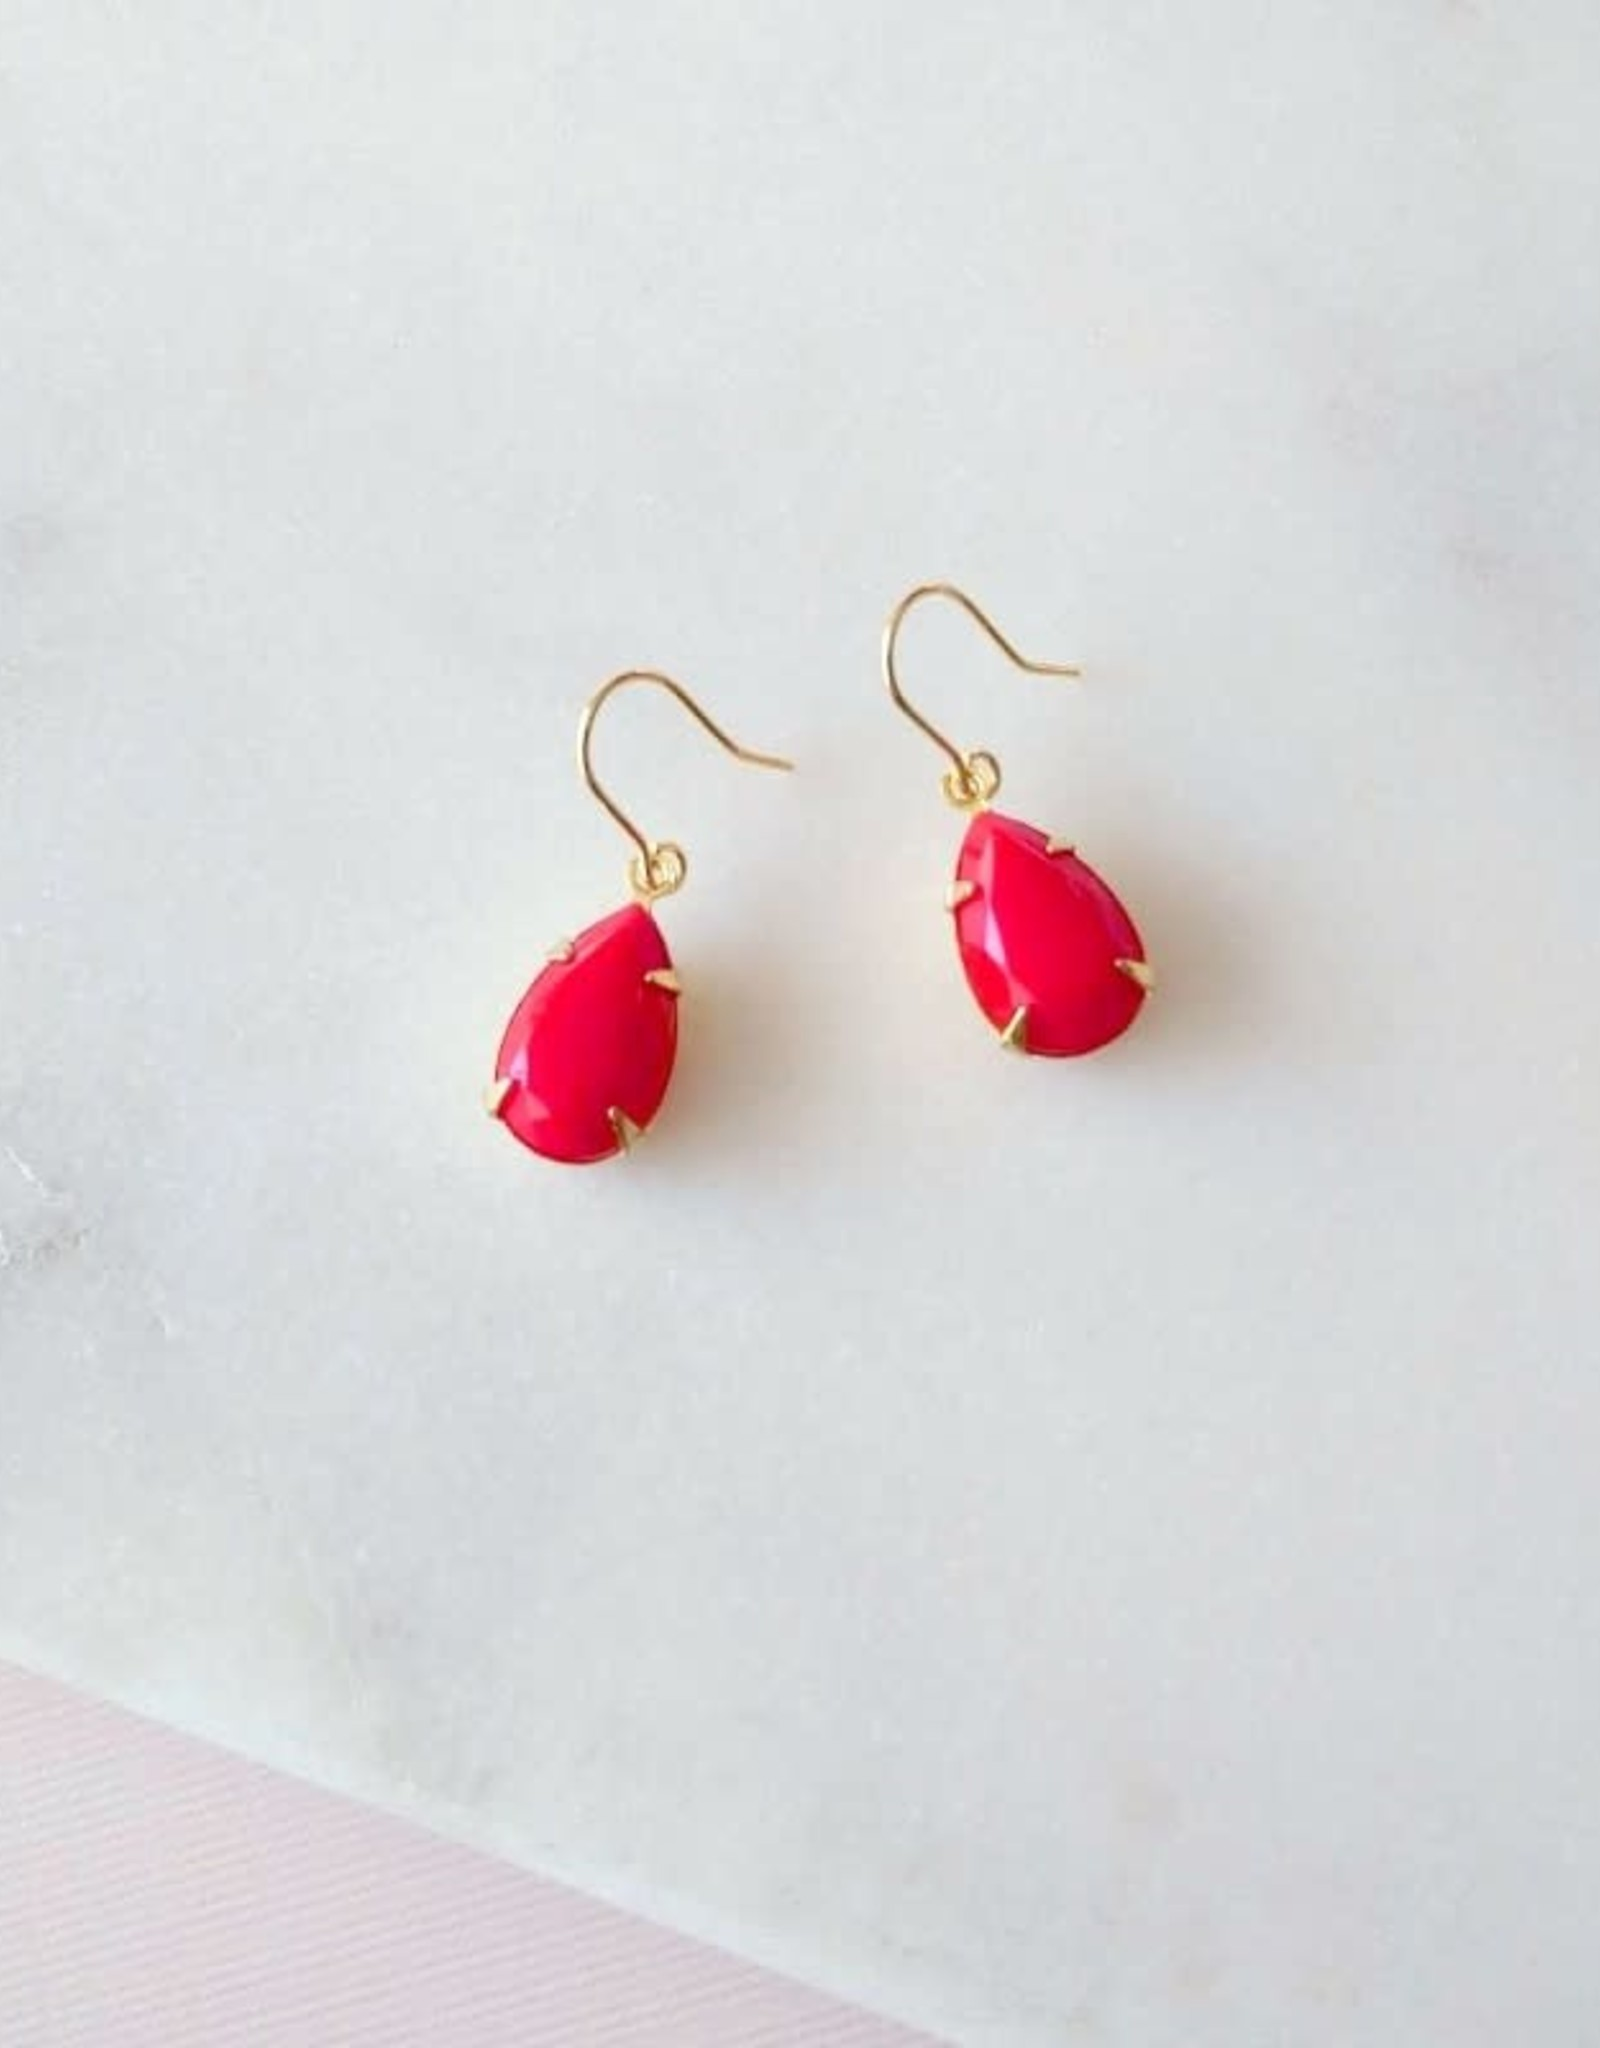 Sandrine Devost Boucles d'oreilles Simple Drops Perfect Red SD1559 Sandrine Devost